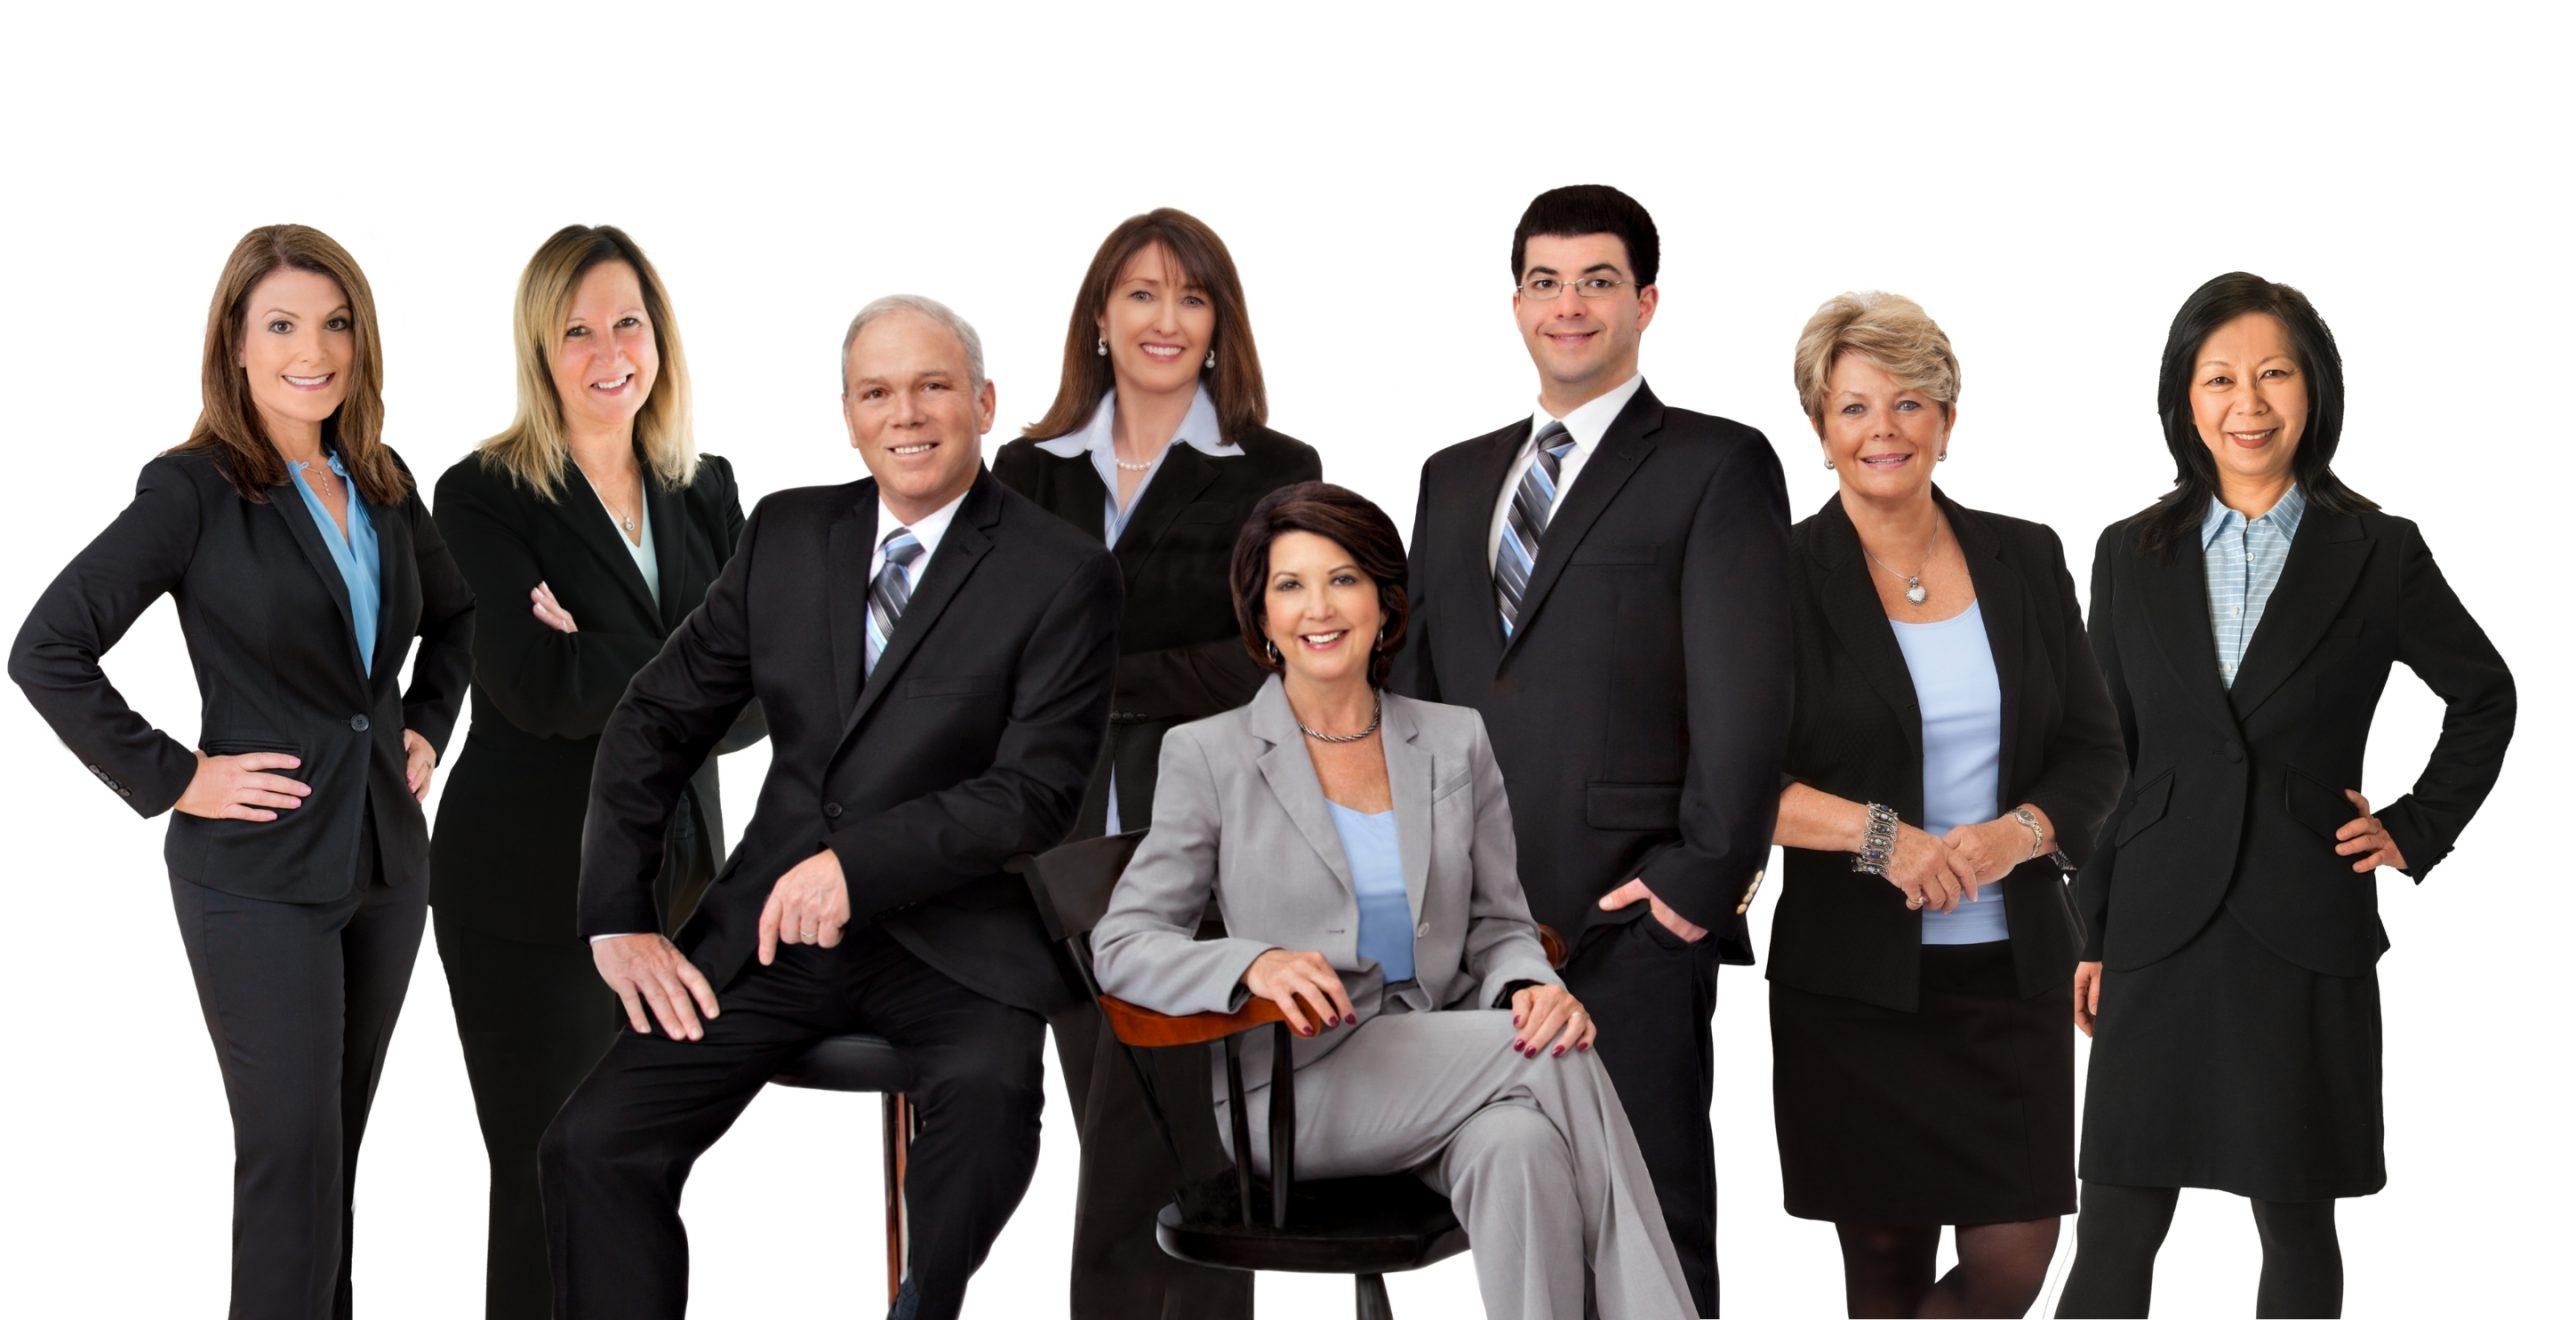 The Peggy Patenaude Team